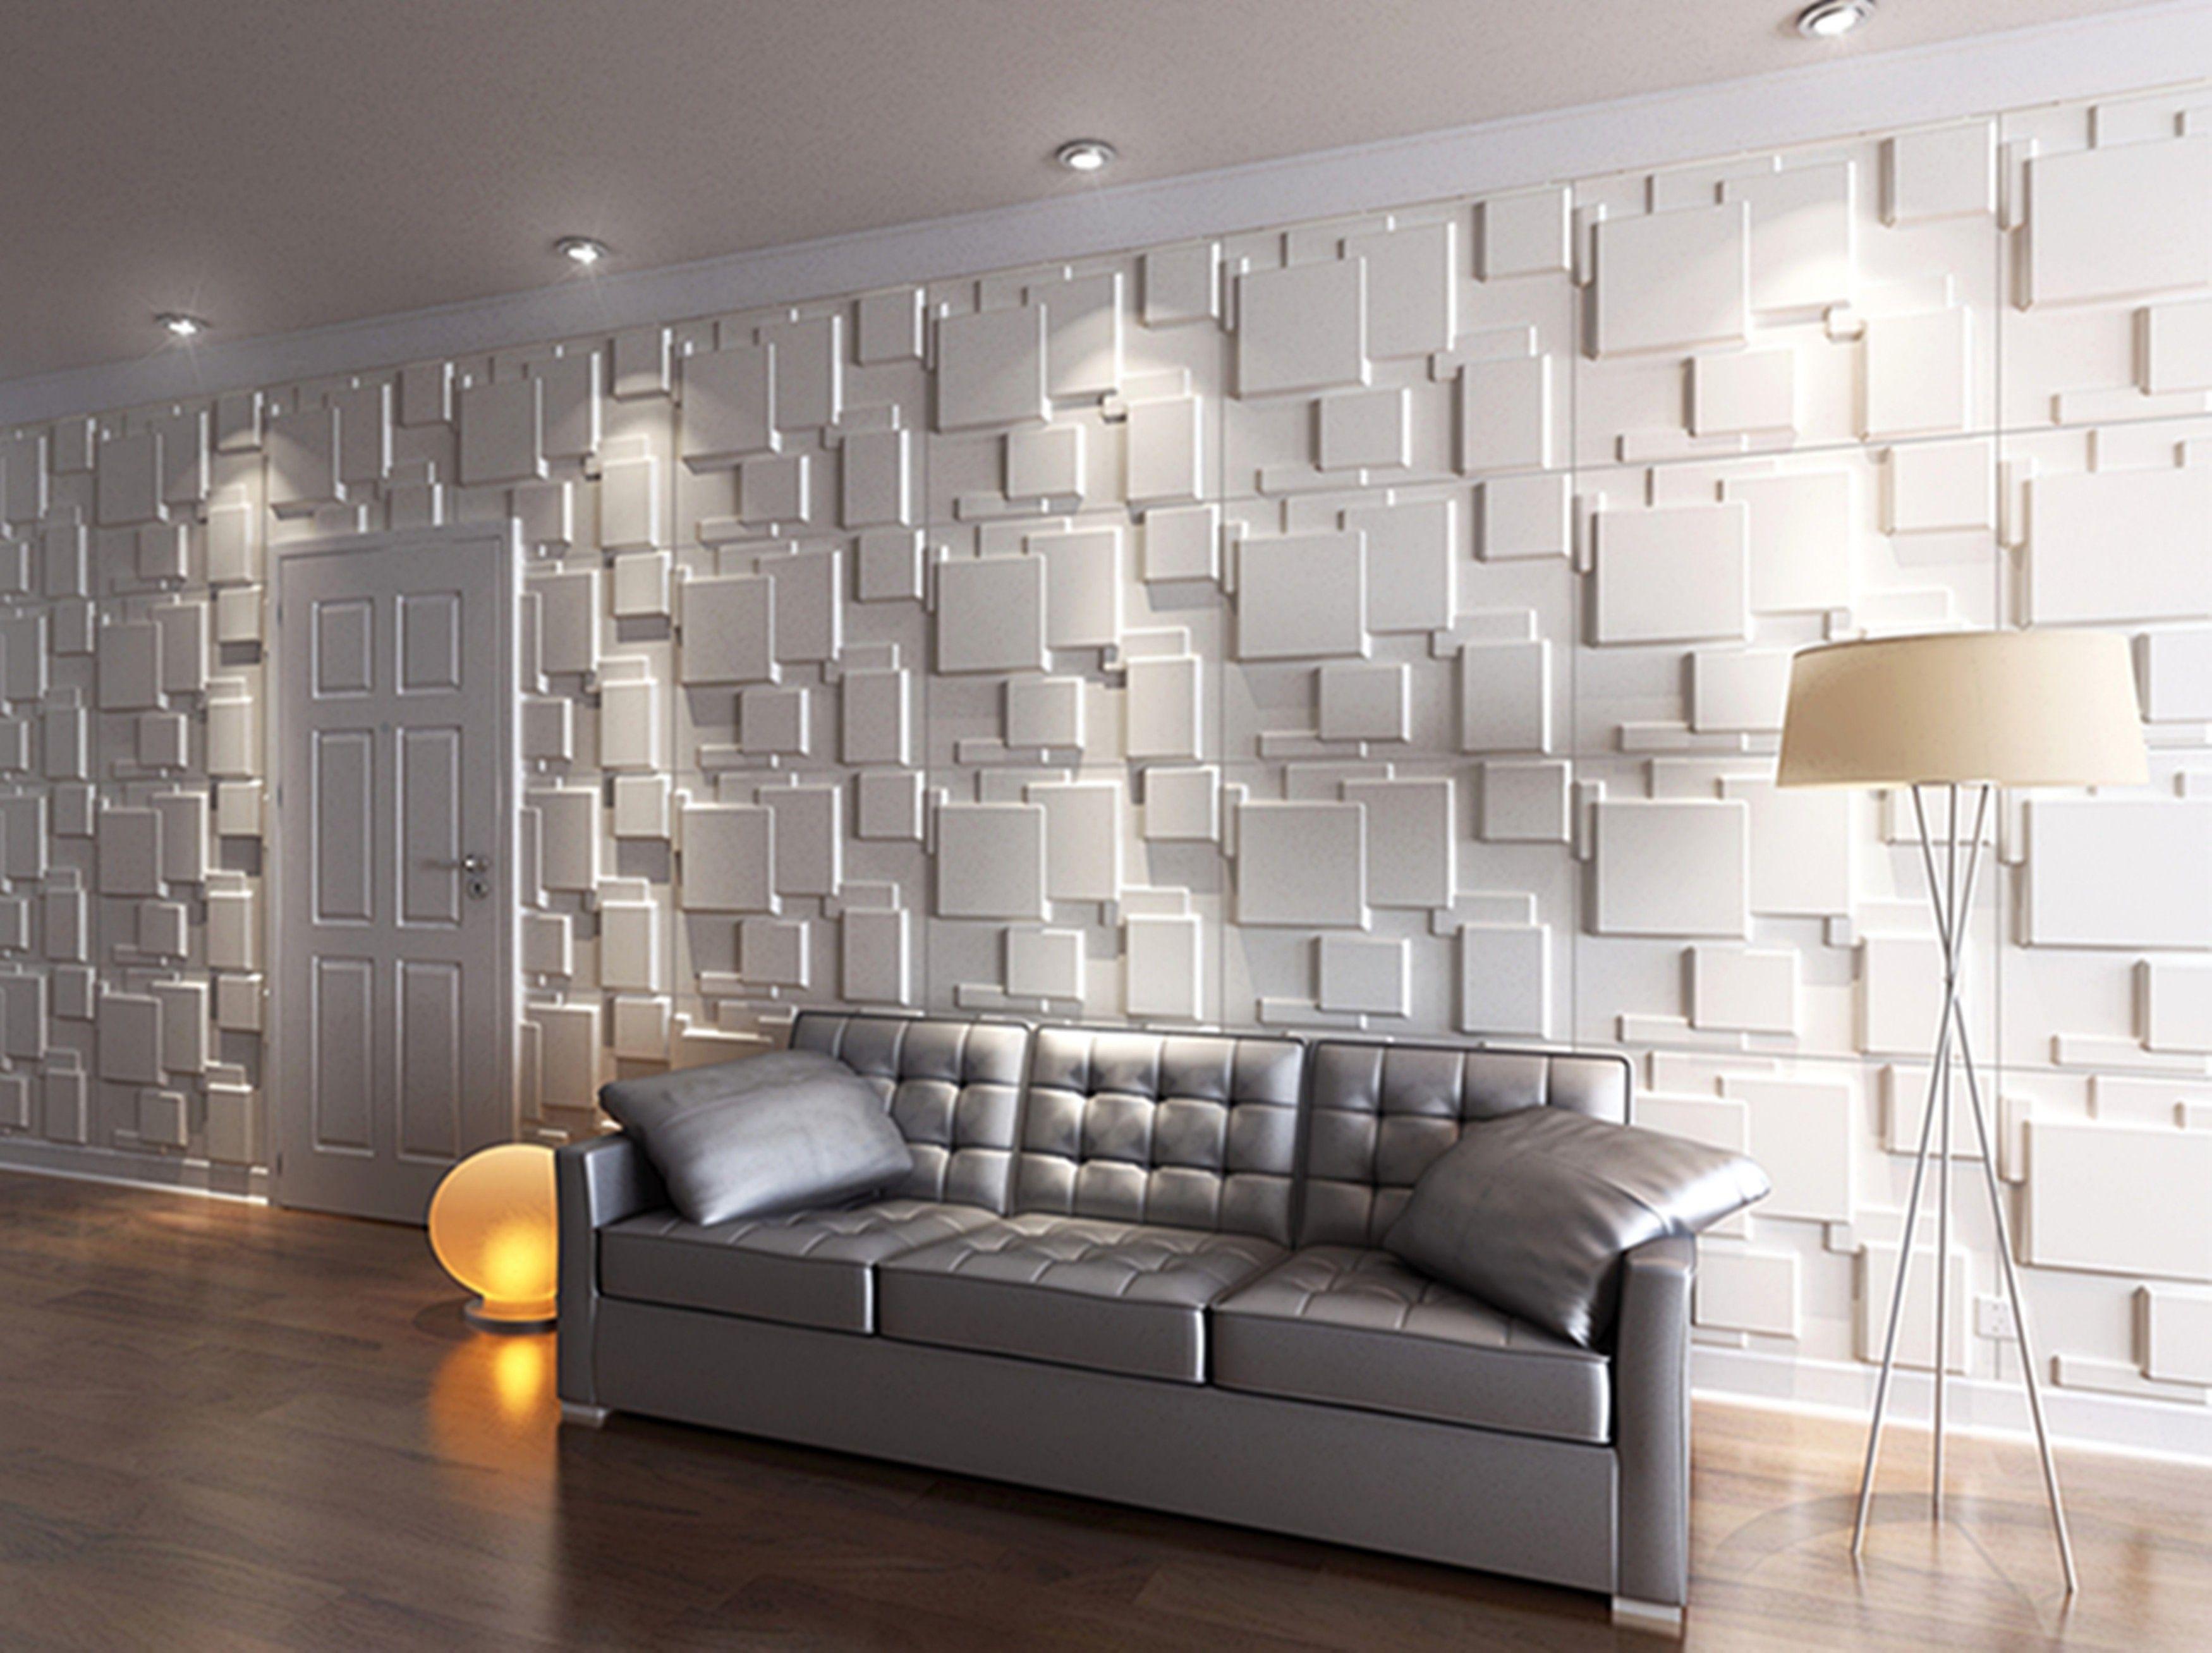 Image Of Twinx Interiors 3d Wall Panels Pretoria South Af